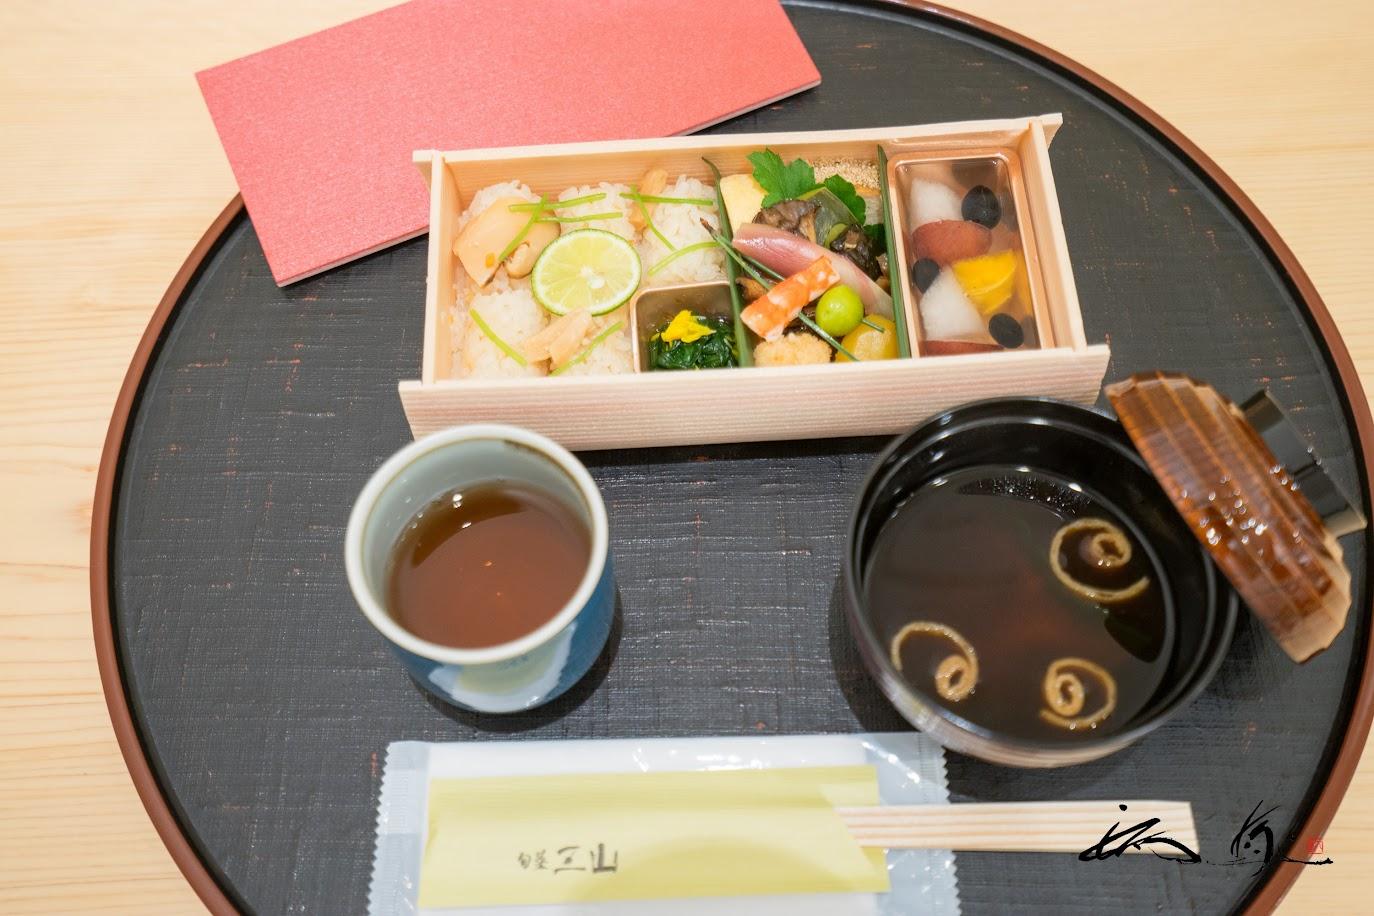 旬菜弁当:松茸ご飯、旬のおかず(海老、銀杏、みょうが、舞茸、栗、玉子焼など)@旬菜 三山